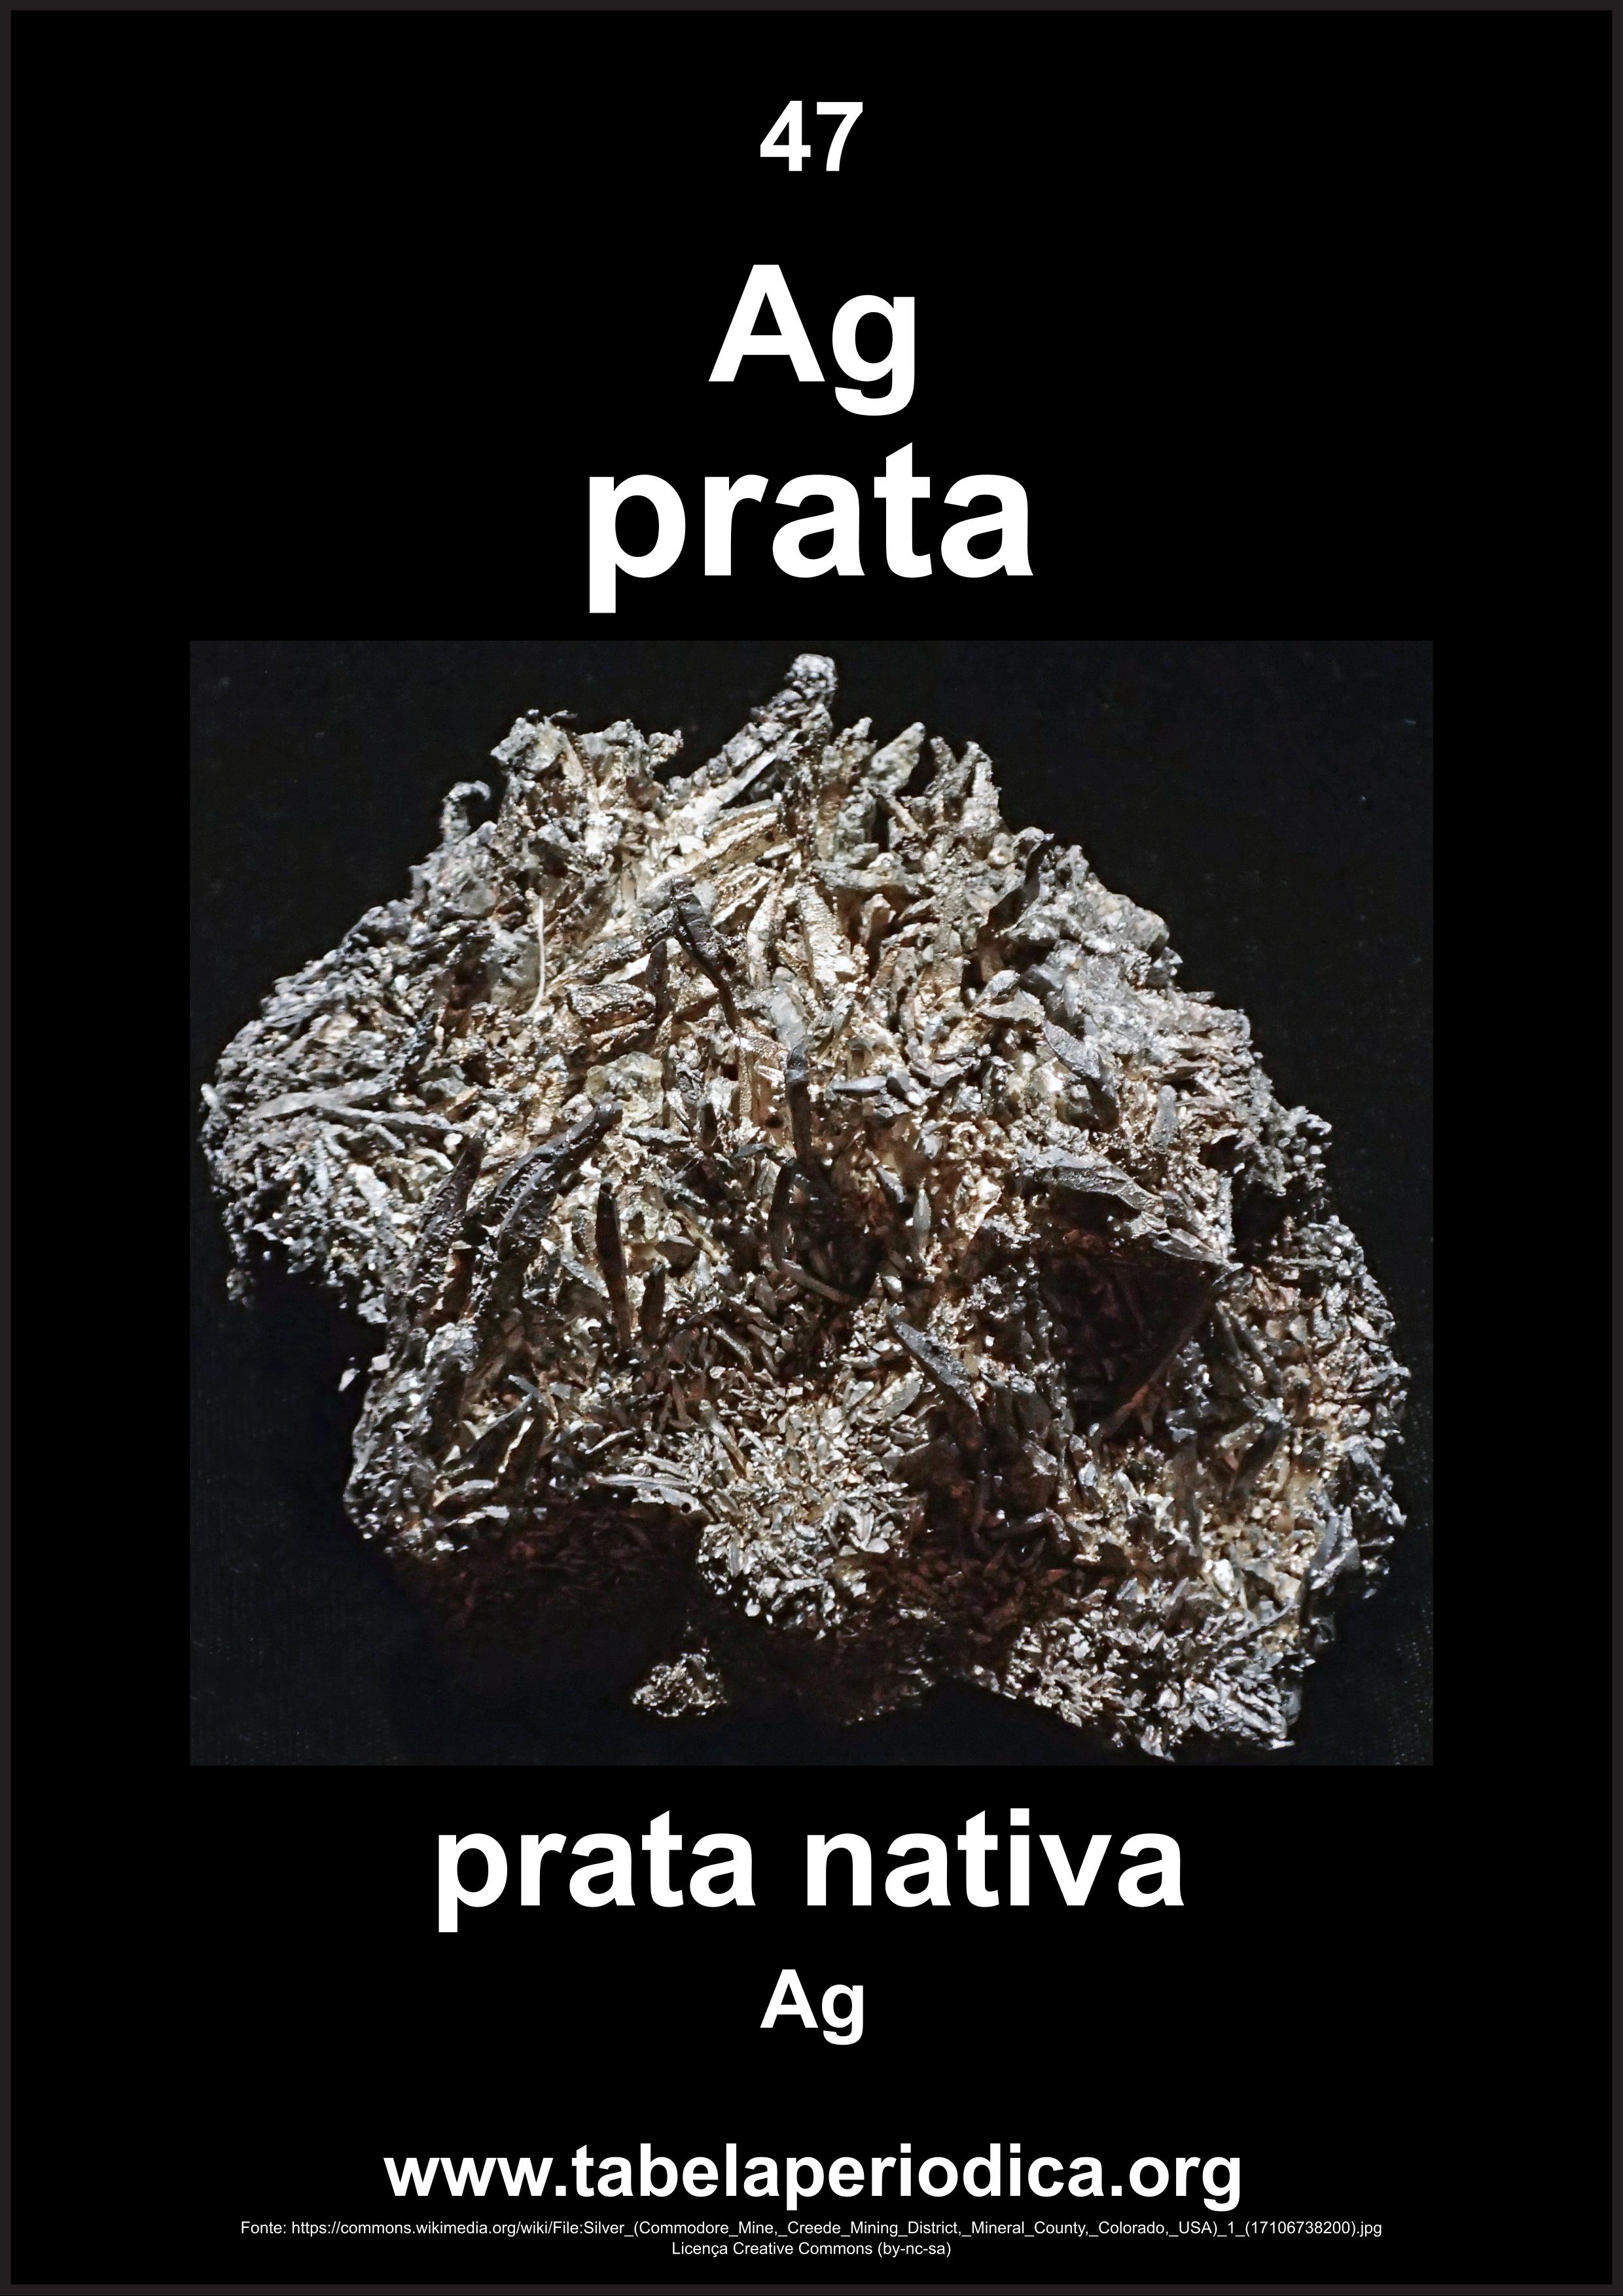 Mineral prata nativa | Imagens da Tabela Periódica